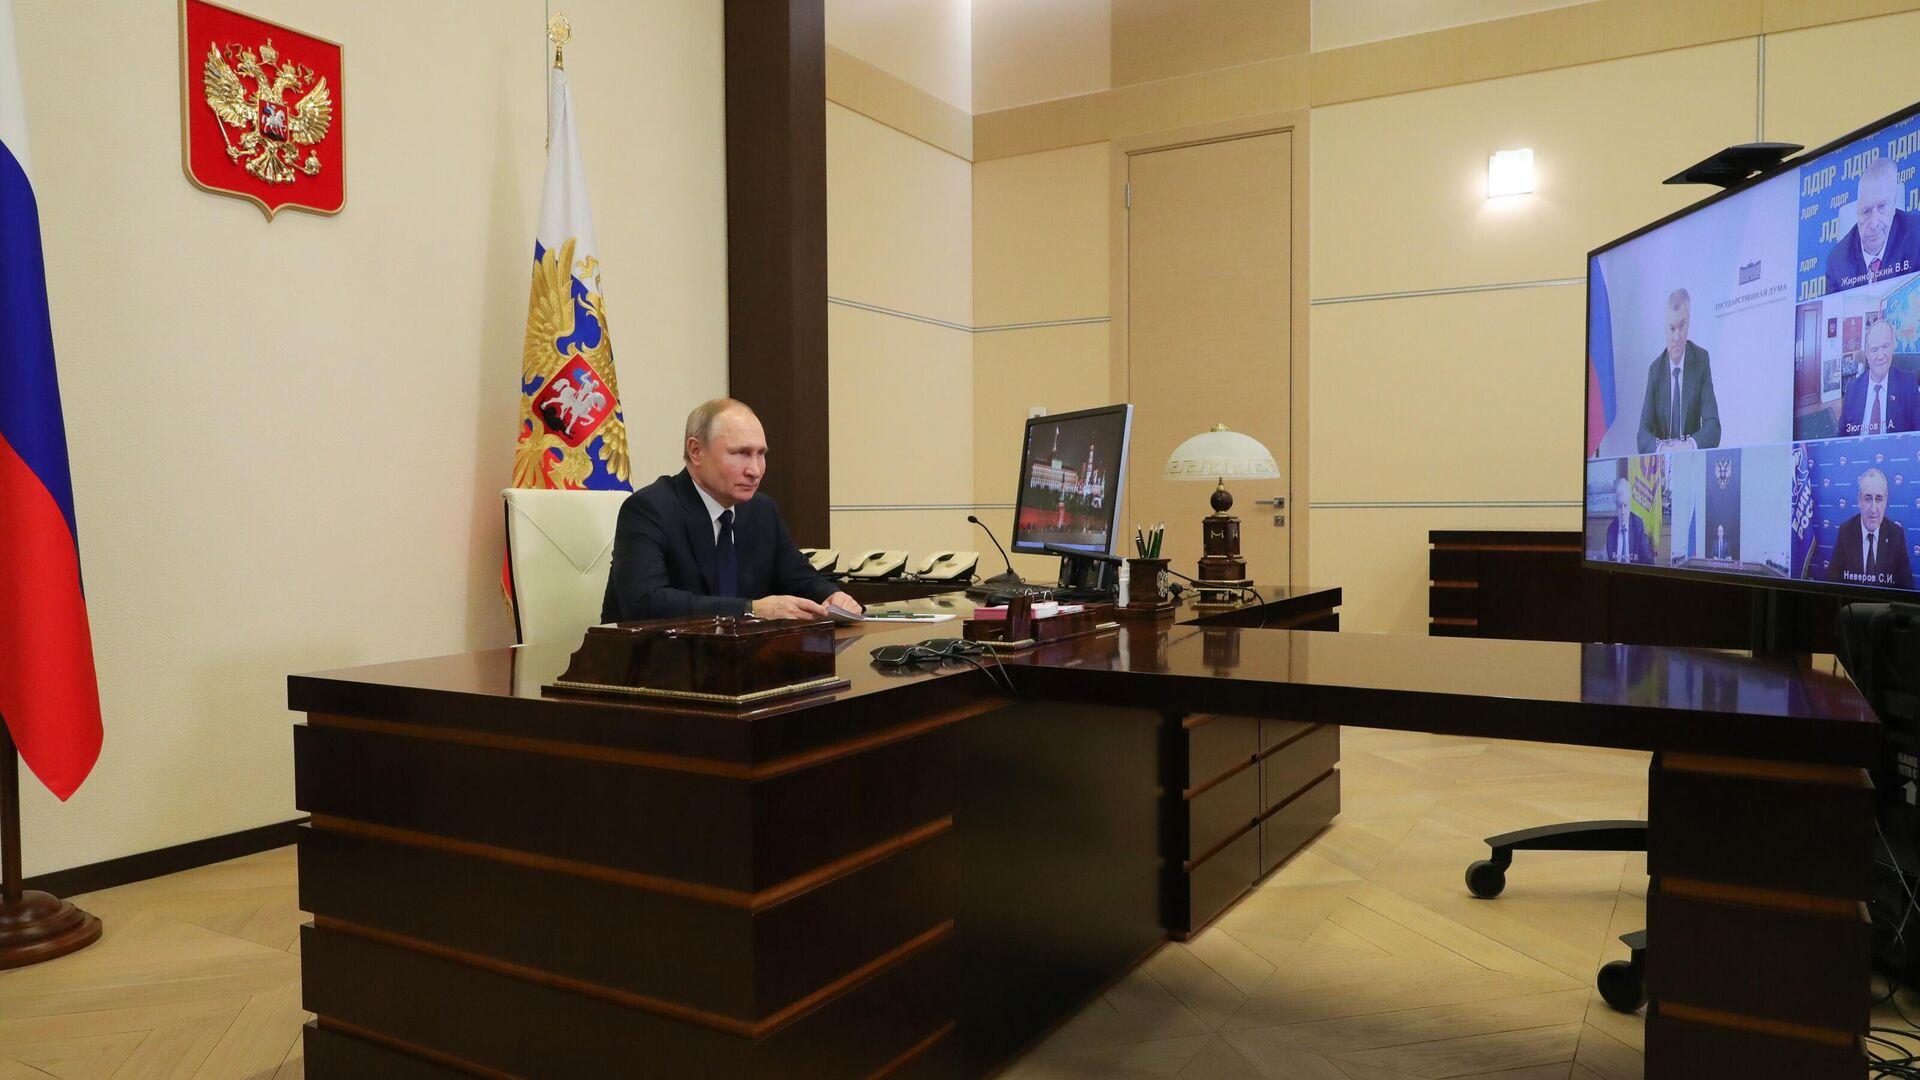 Путин заявил, что приватизация ради приватизации неприемлема